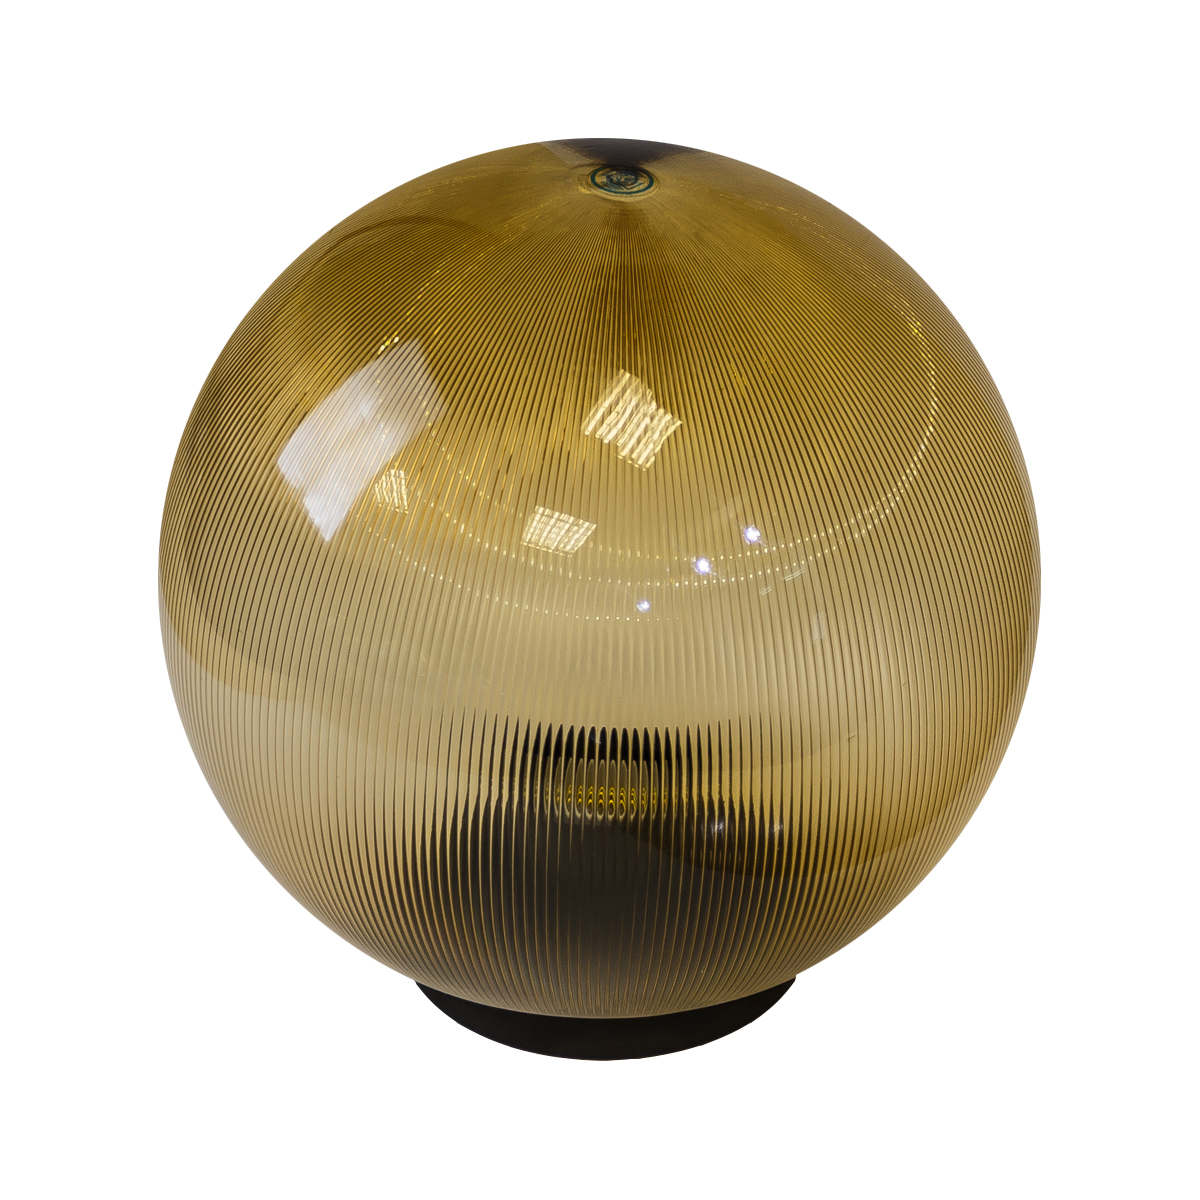 Светильник садово-парковый ЭРА НТУ 02-60-203 шар золотистый призма d200